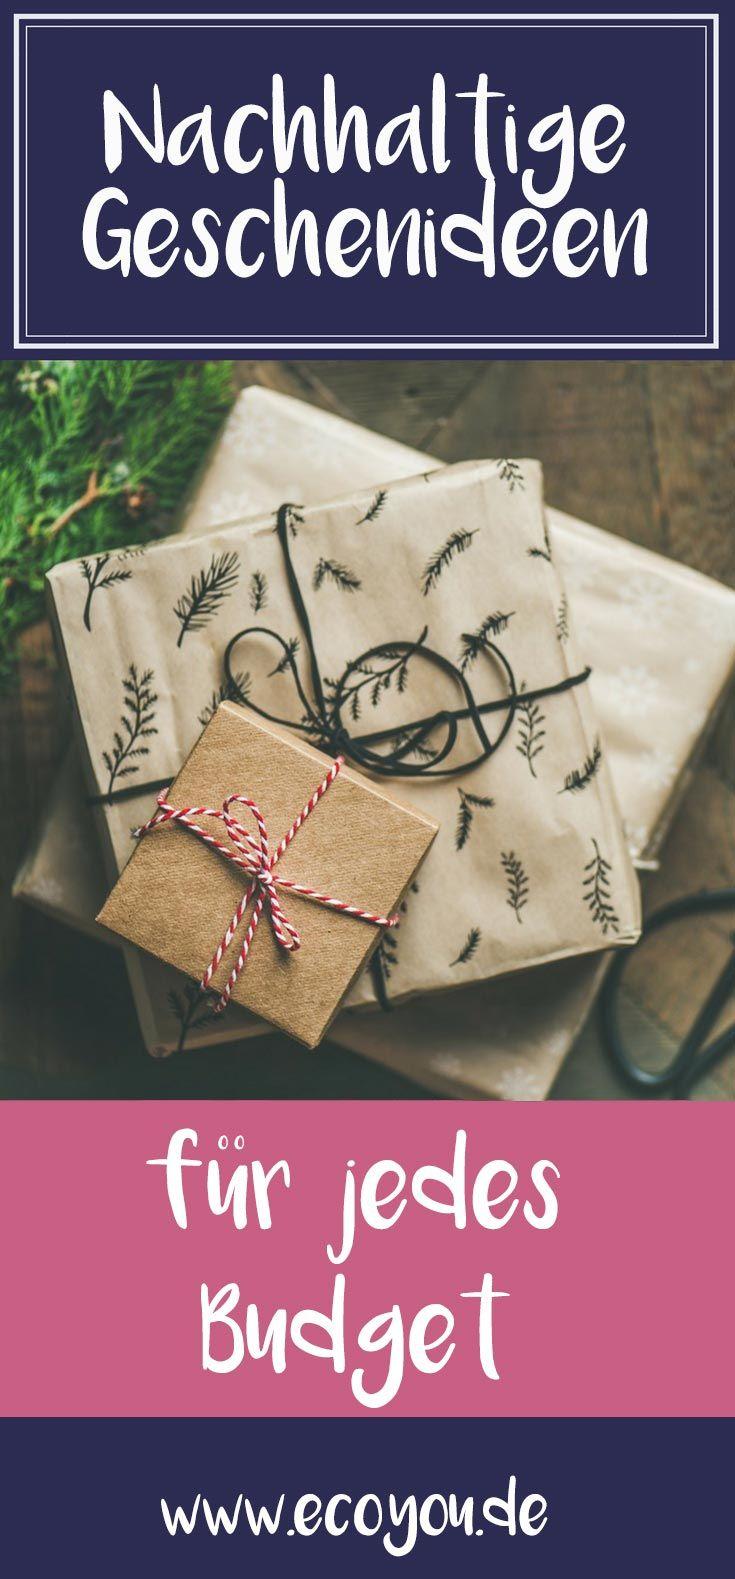 Nachhaltige Geschenke für jedes Budget - Öko Geschenke l | Geschenke ...